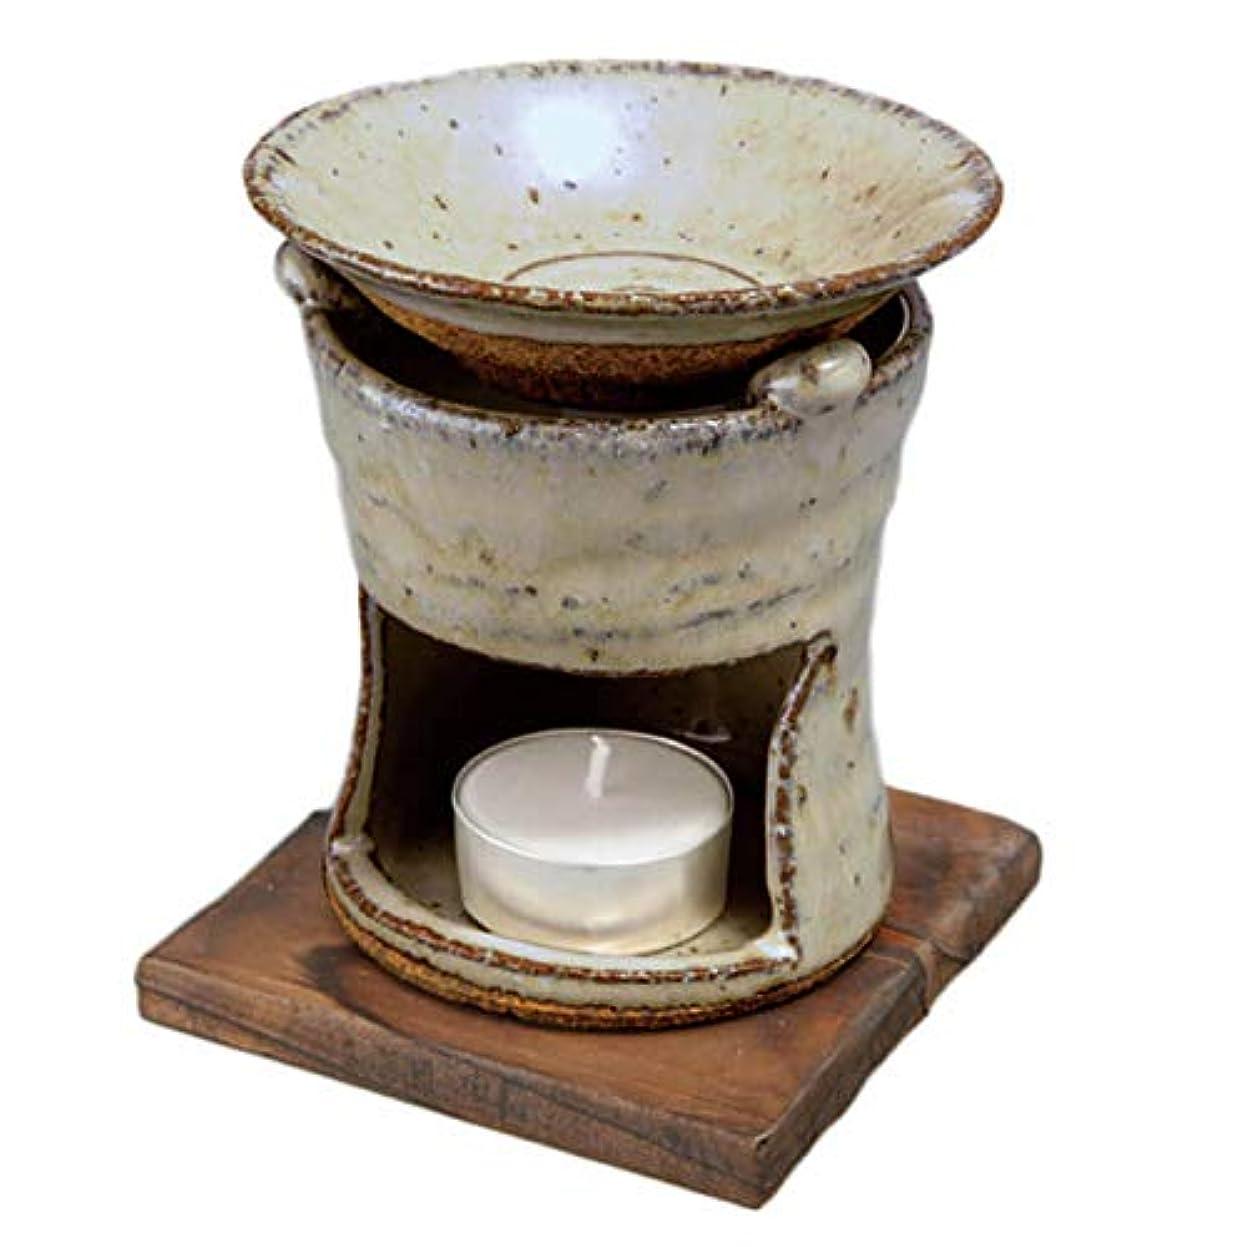 地上で独裁電卓手造り 茶香炉/茶香炉 伊良保/アロマ 癒やし リラックス インテリア 間接照明